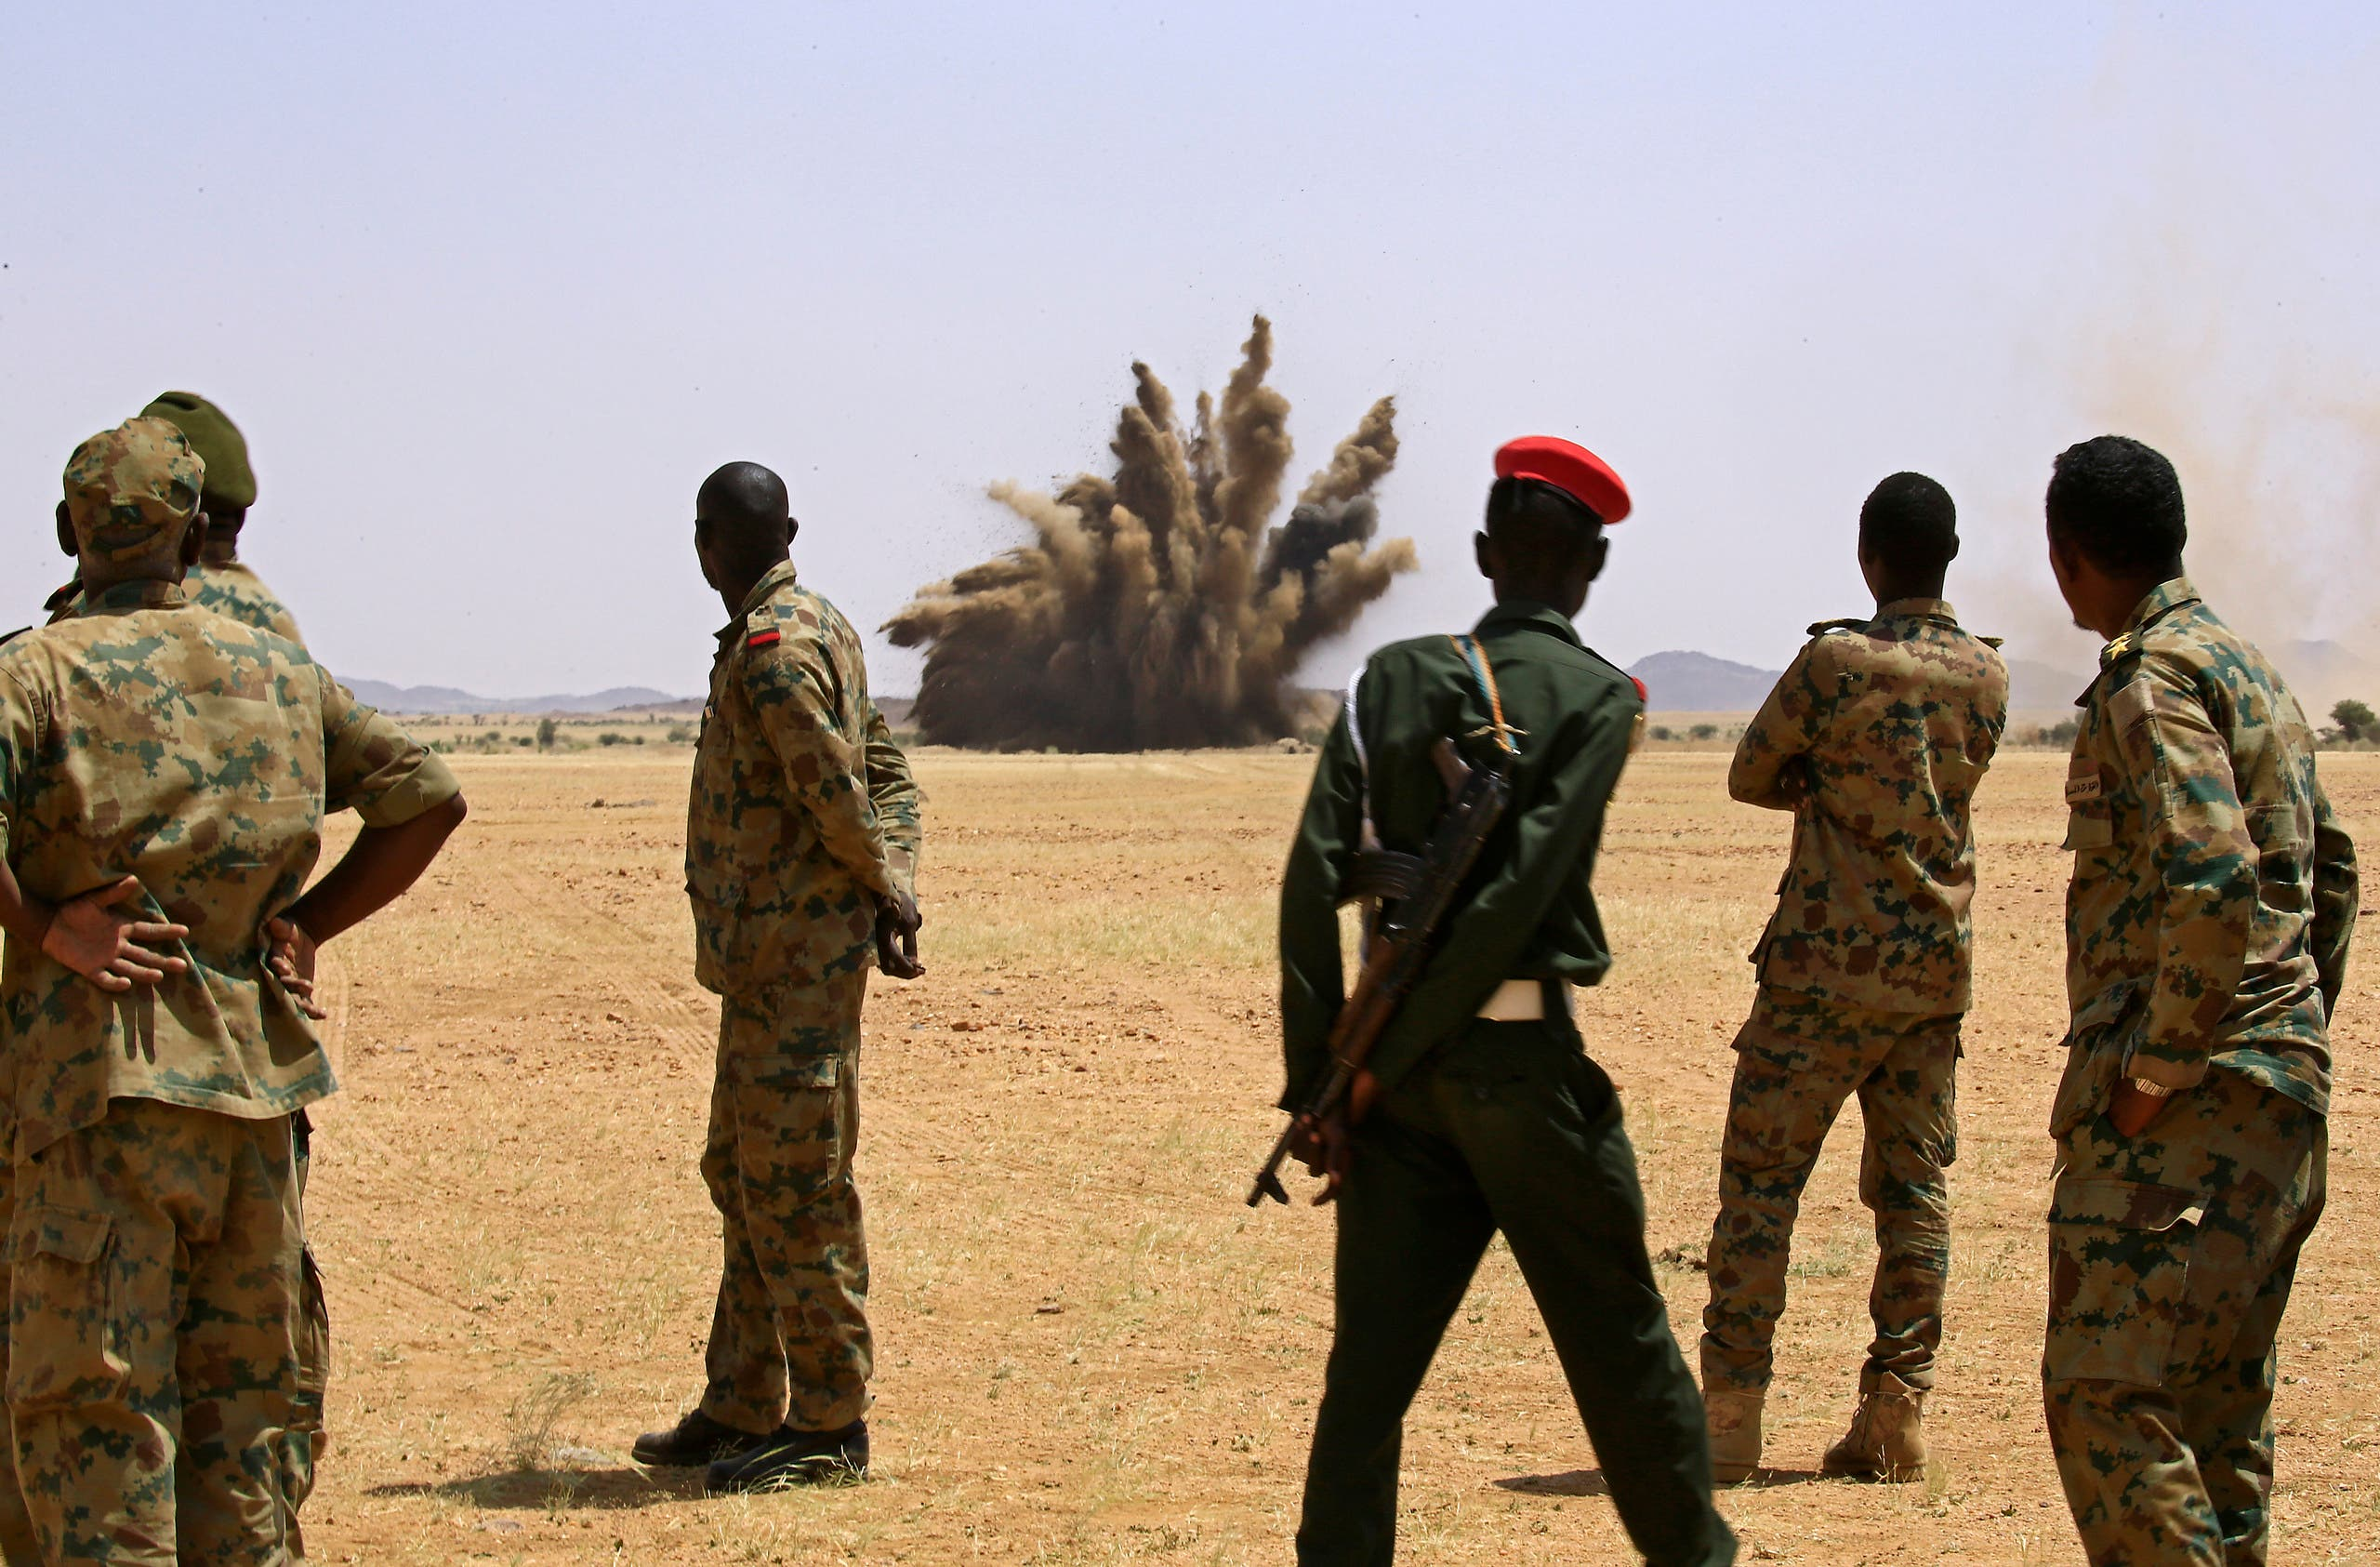 عناصر ارتش سودان (بایگانی - فرانس پرس)